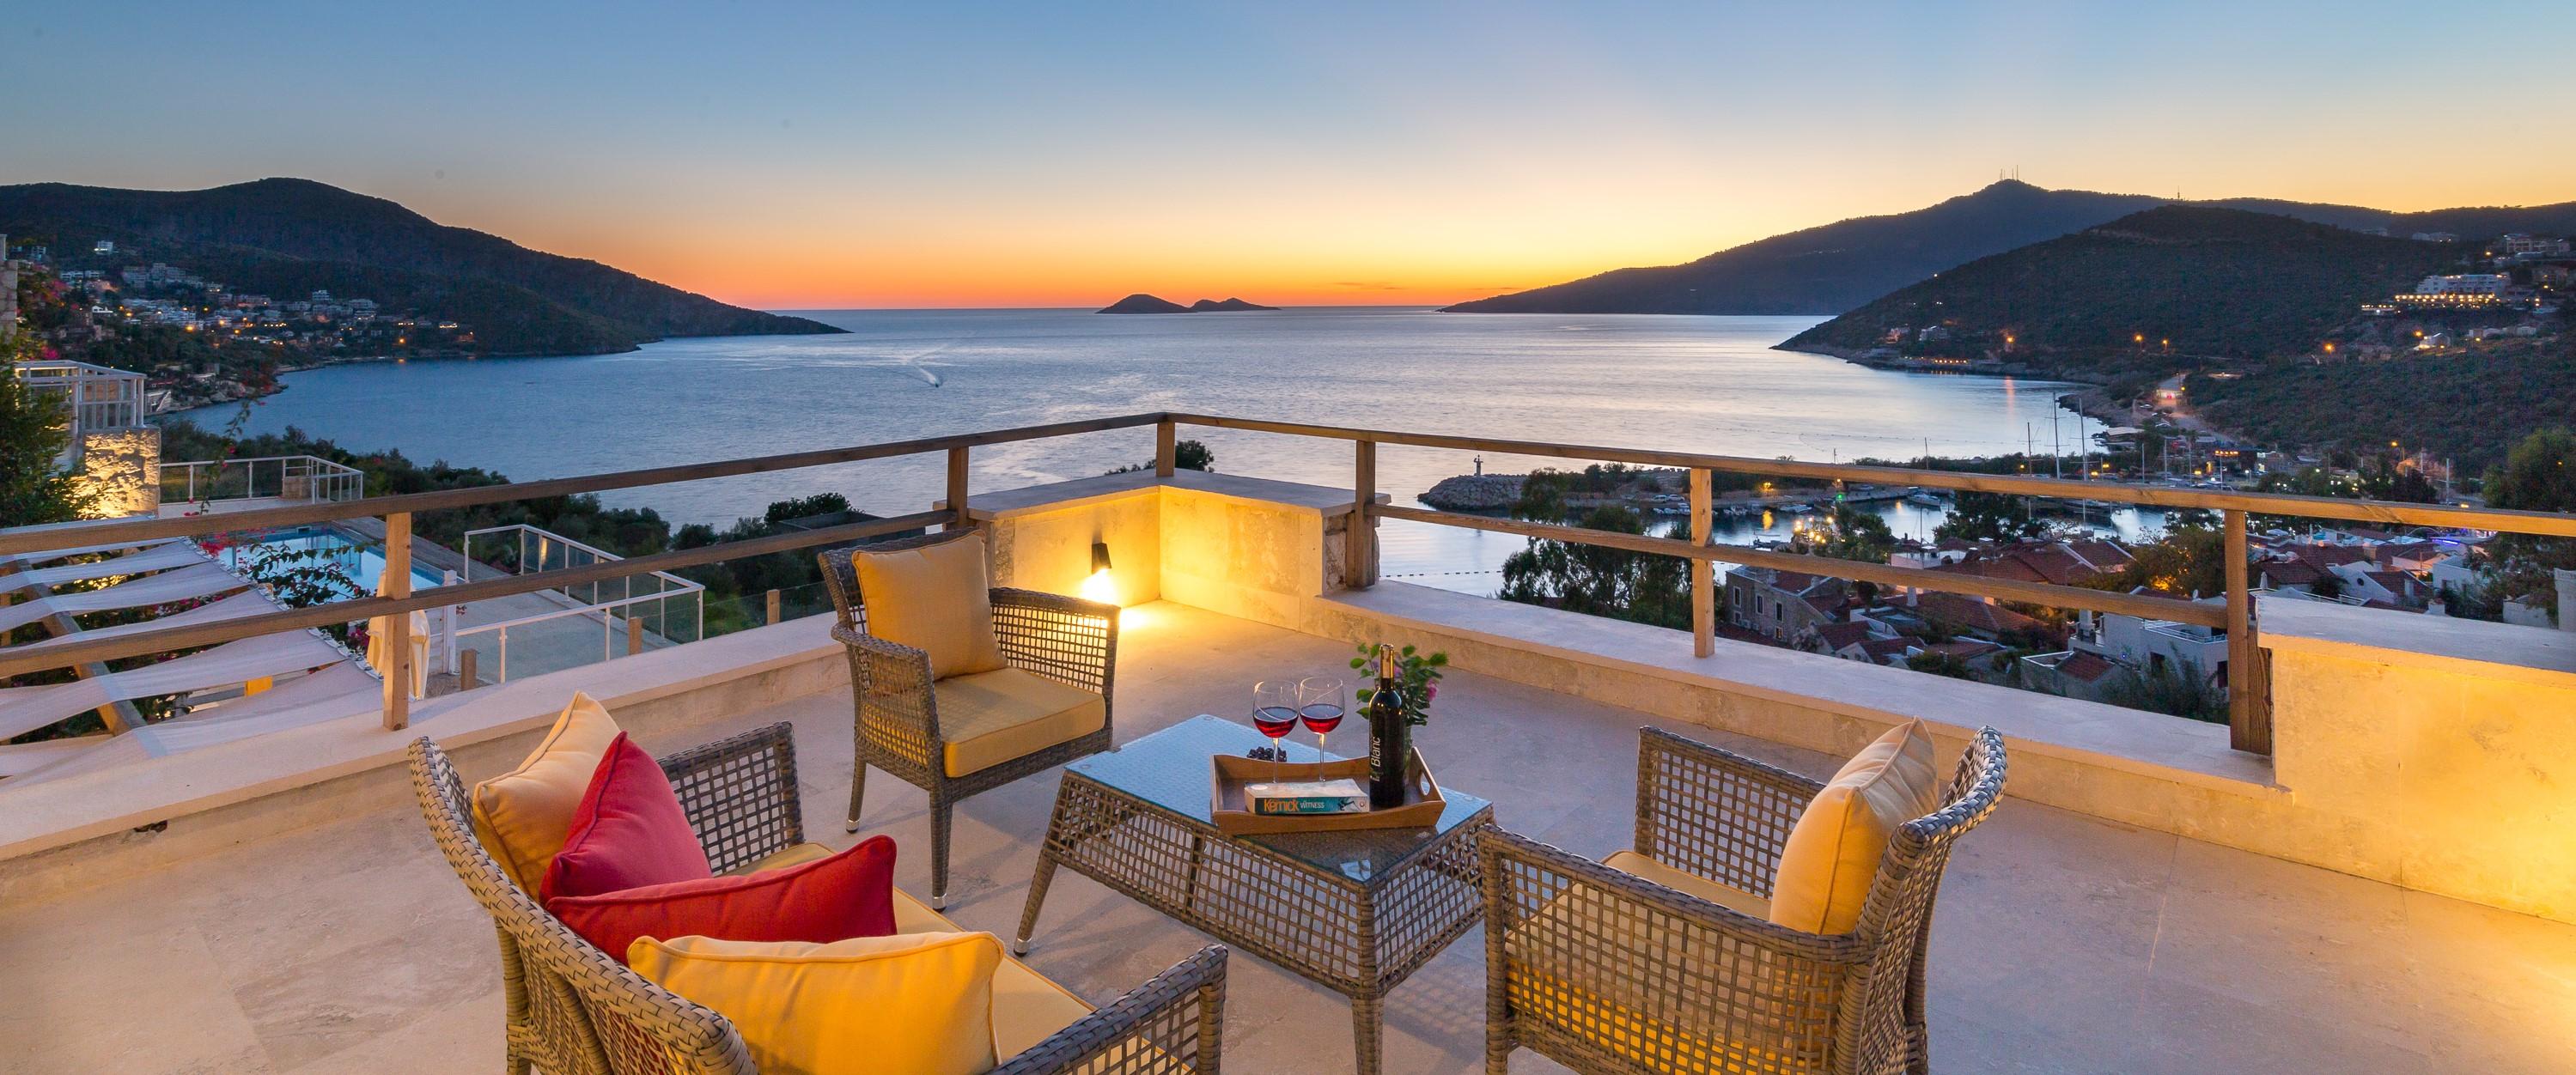 villa-malikani-sunset-terrace